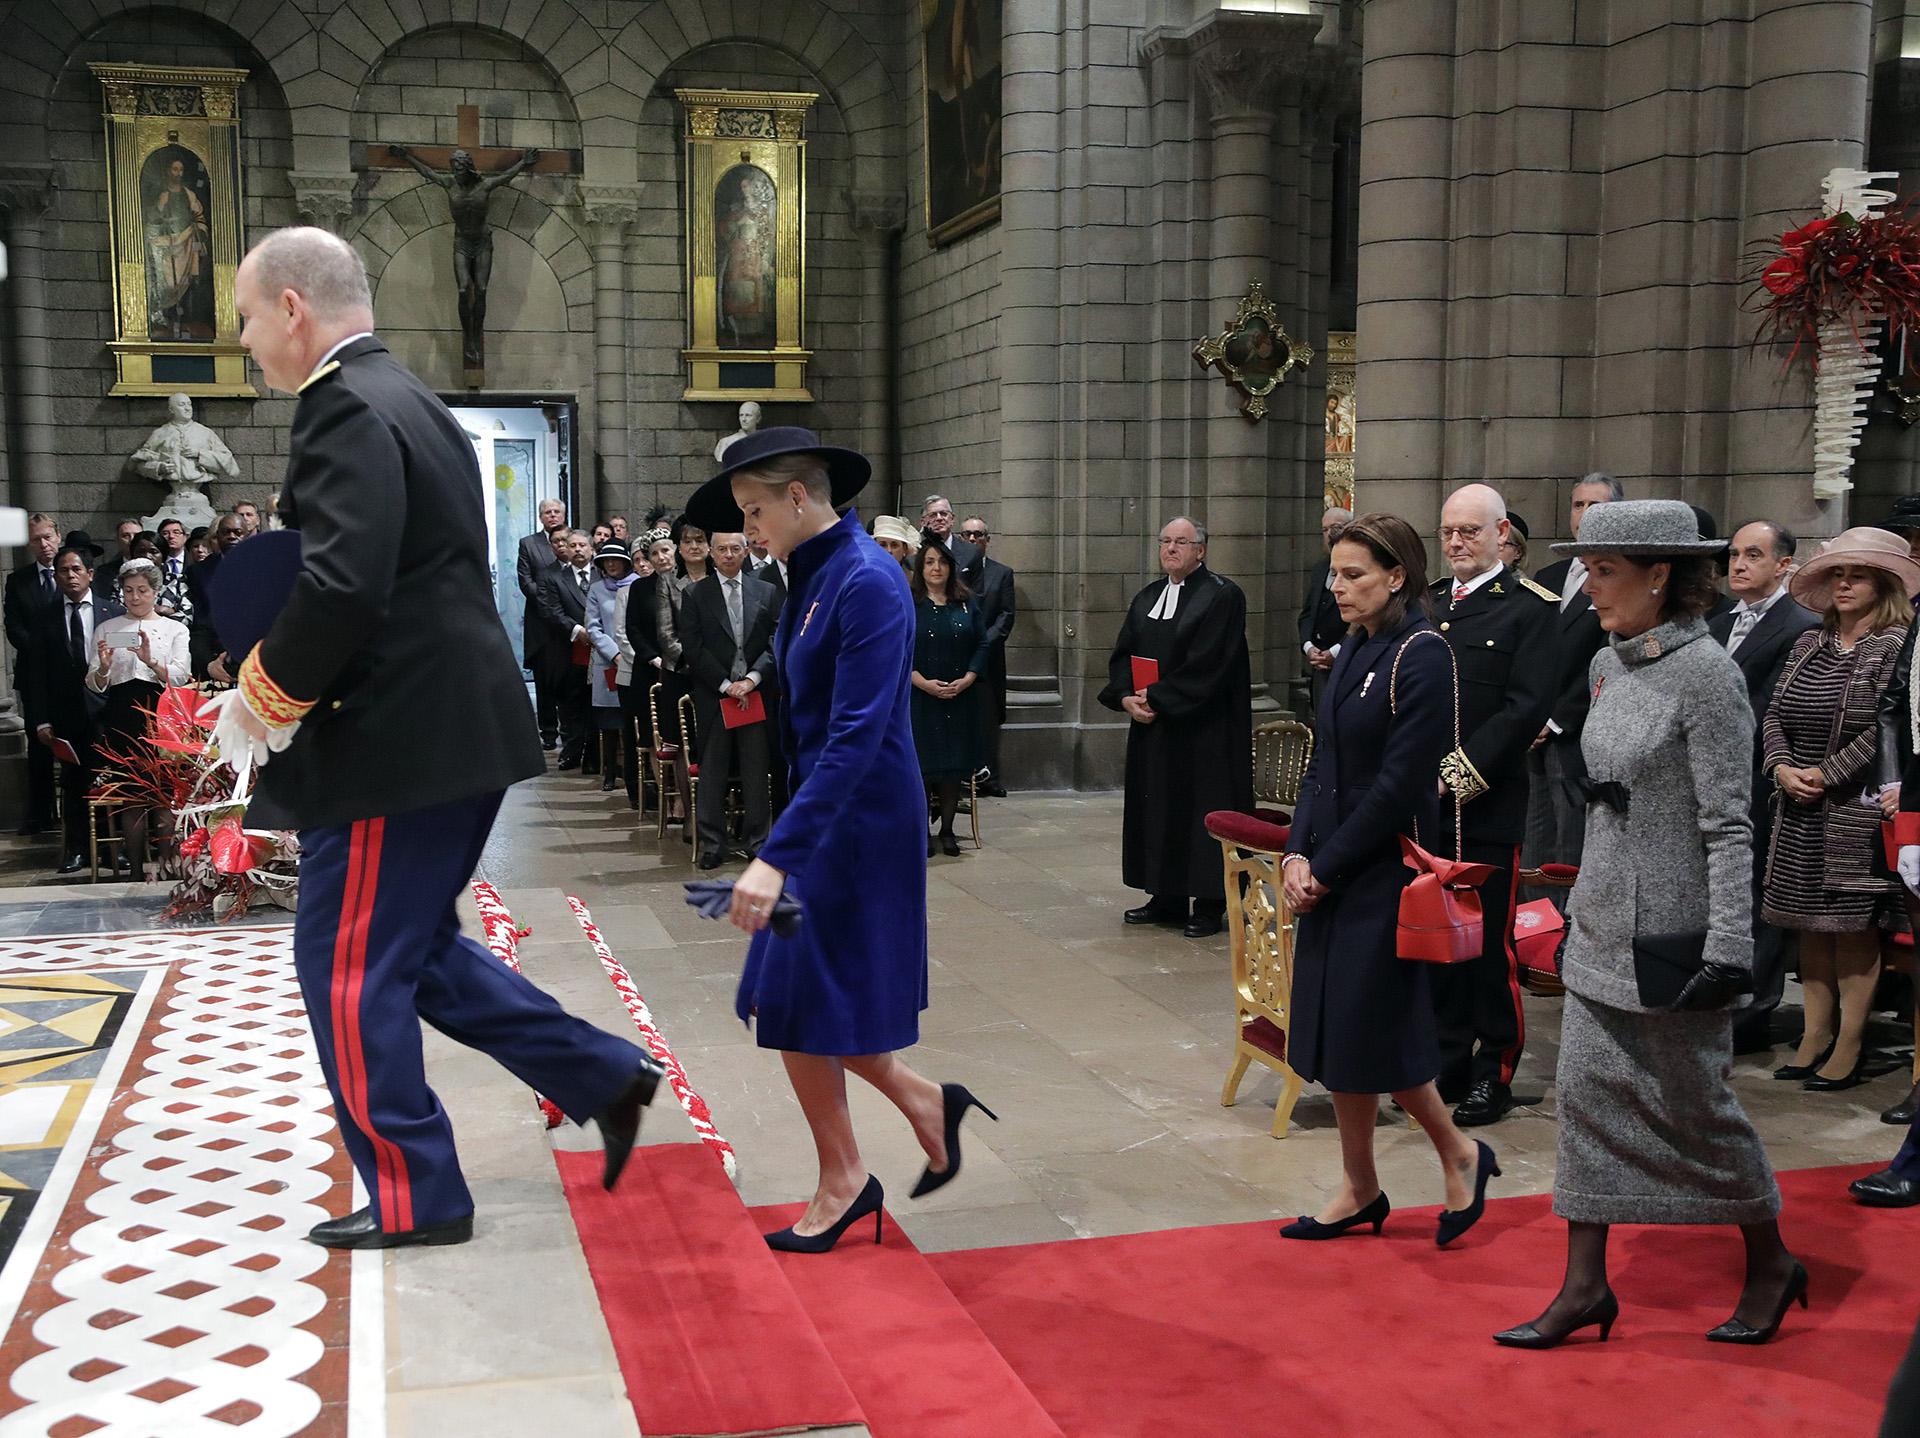 La llegada de Alberto de Mónaco junto a su mujer y sus hermanas a la Catedral de Nuestra Señora Inmaculada, donde se llevó a cabo el servicio religioso